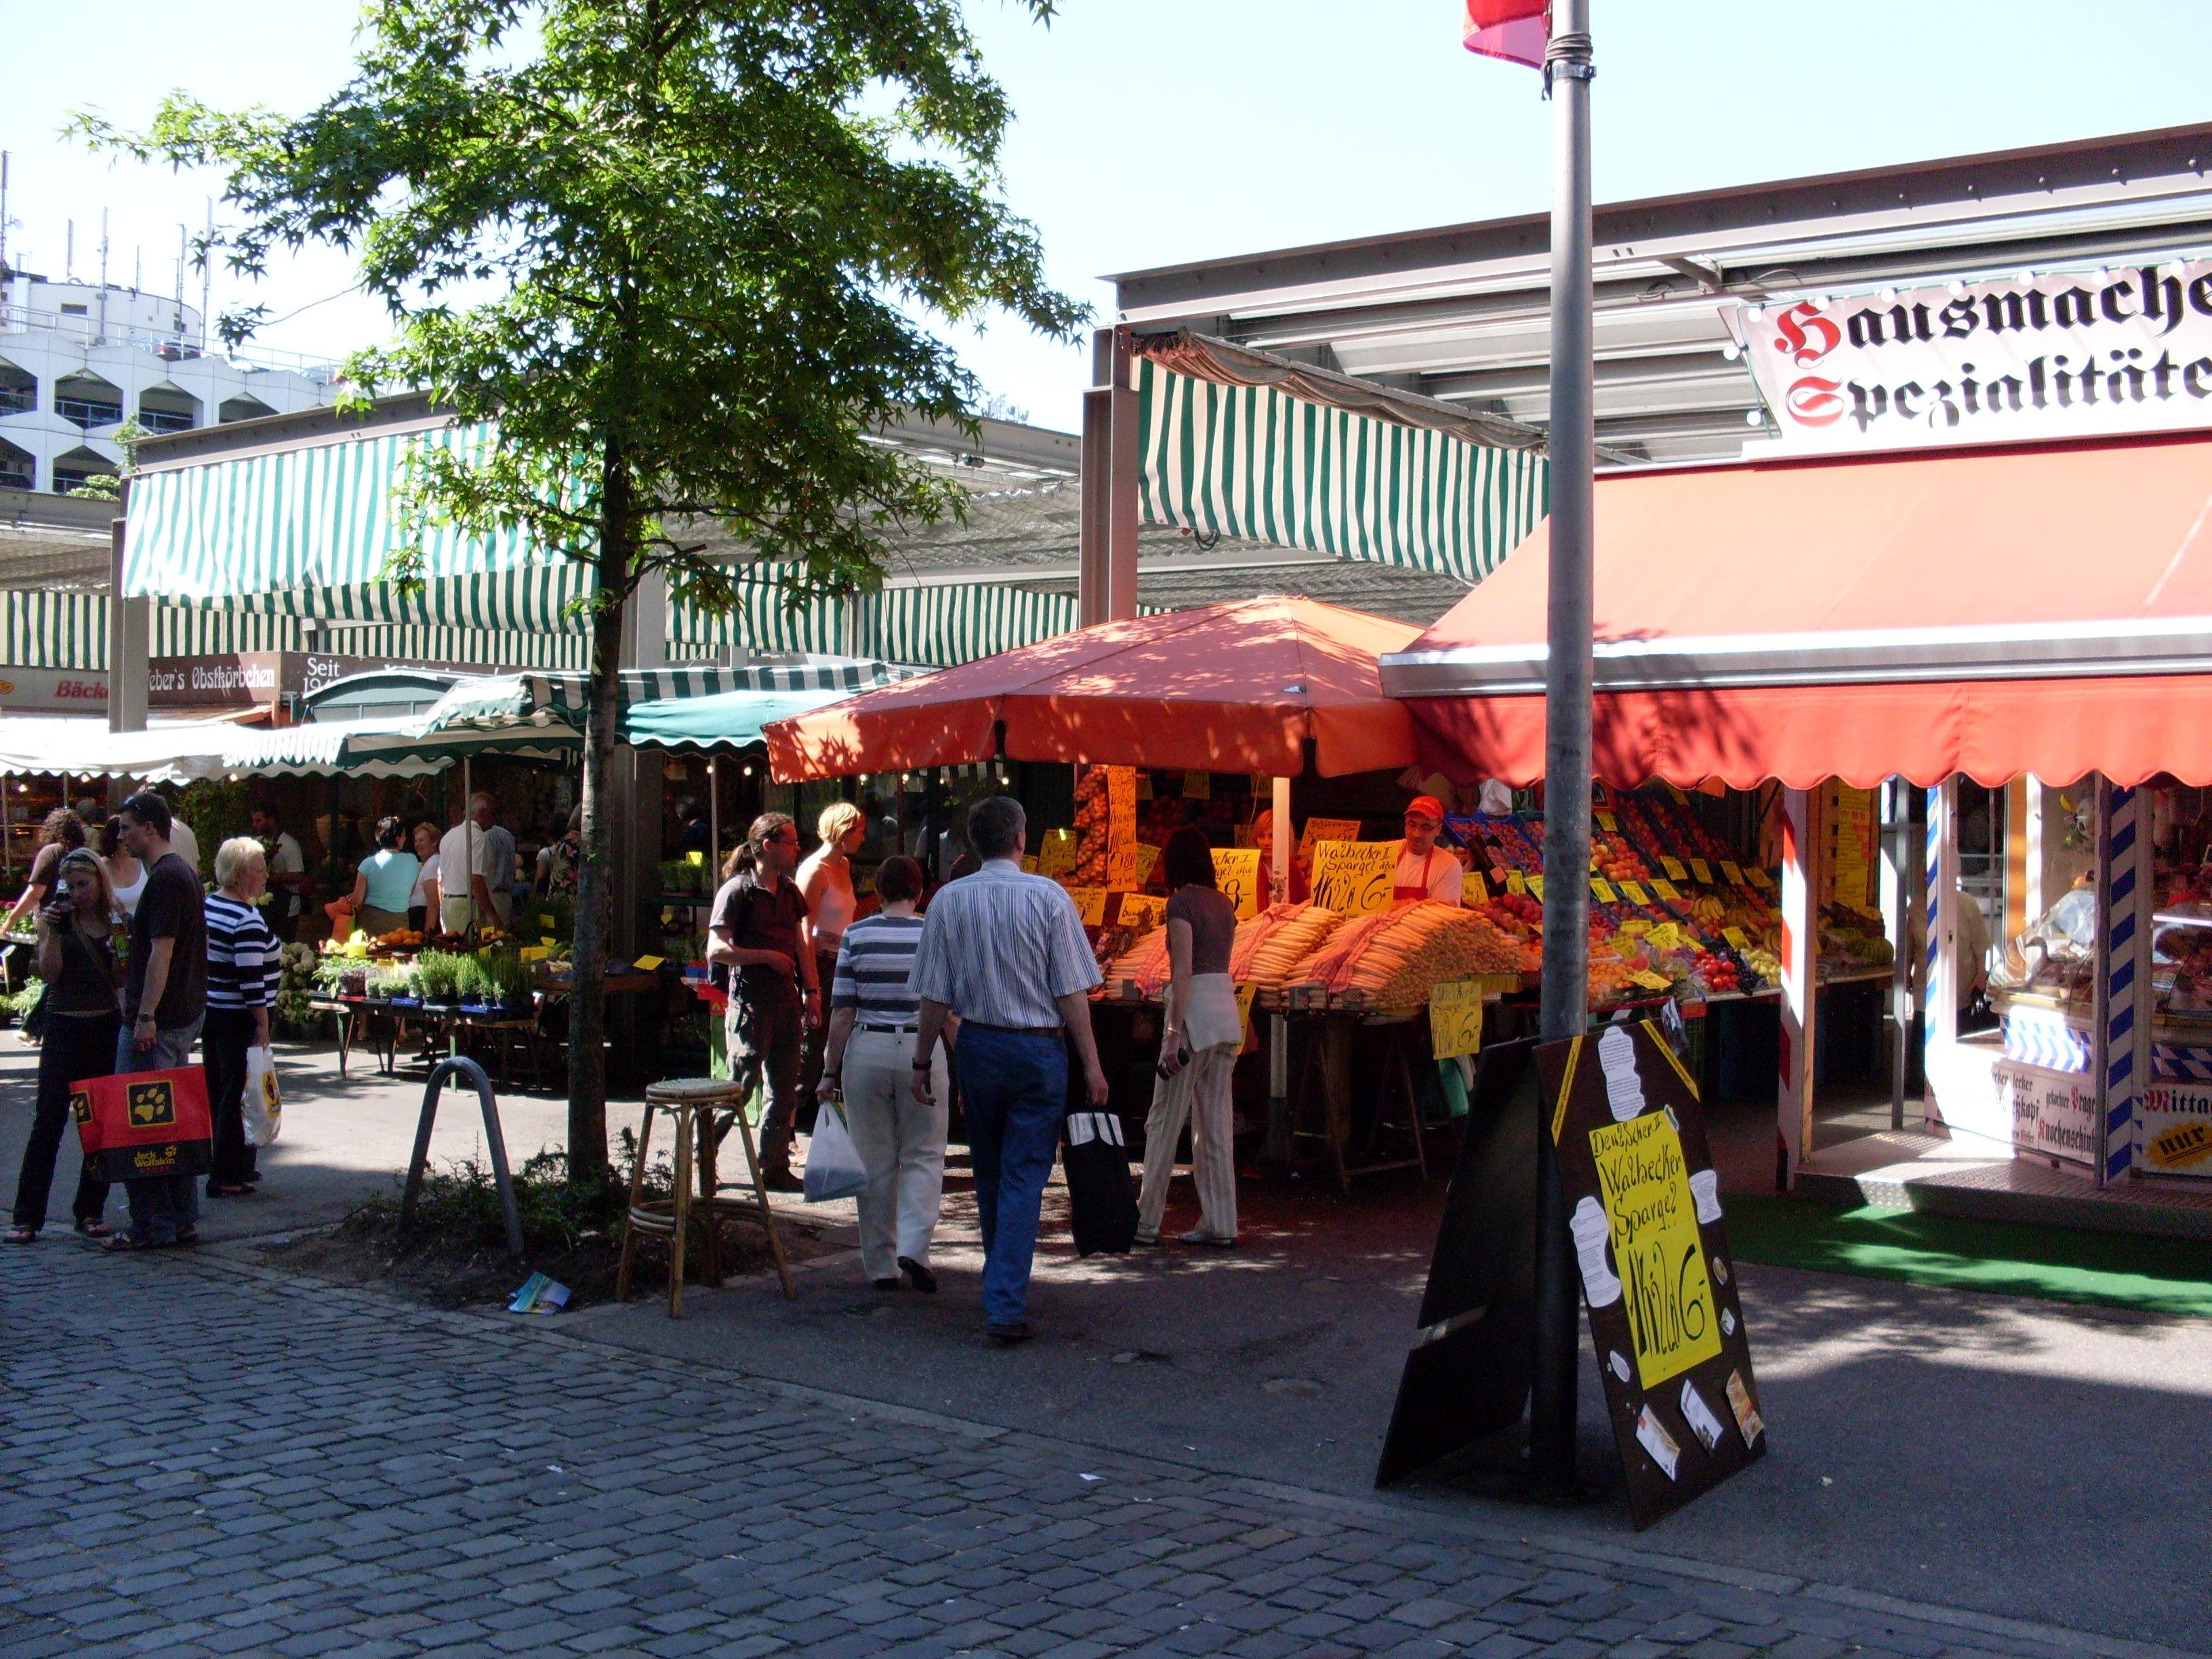 Markt auf dem Carlsplatz the local market